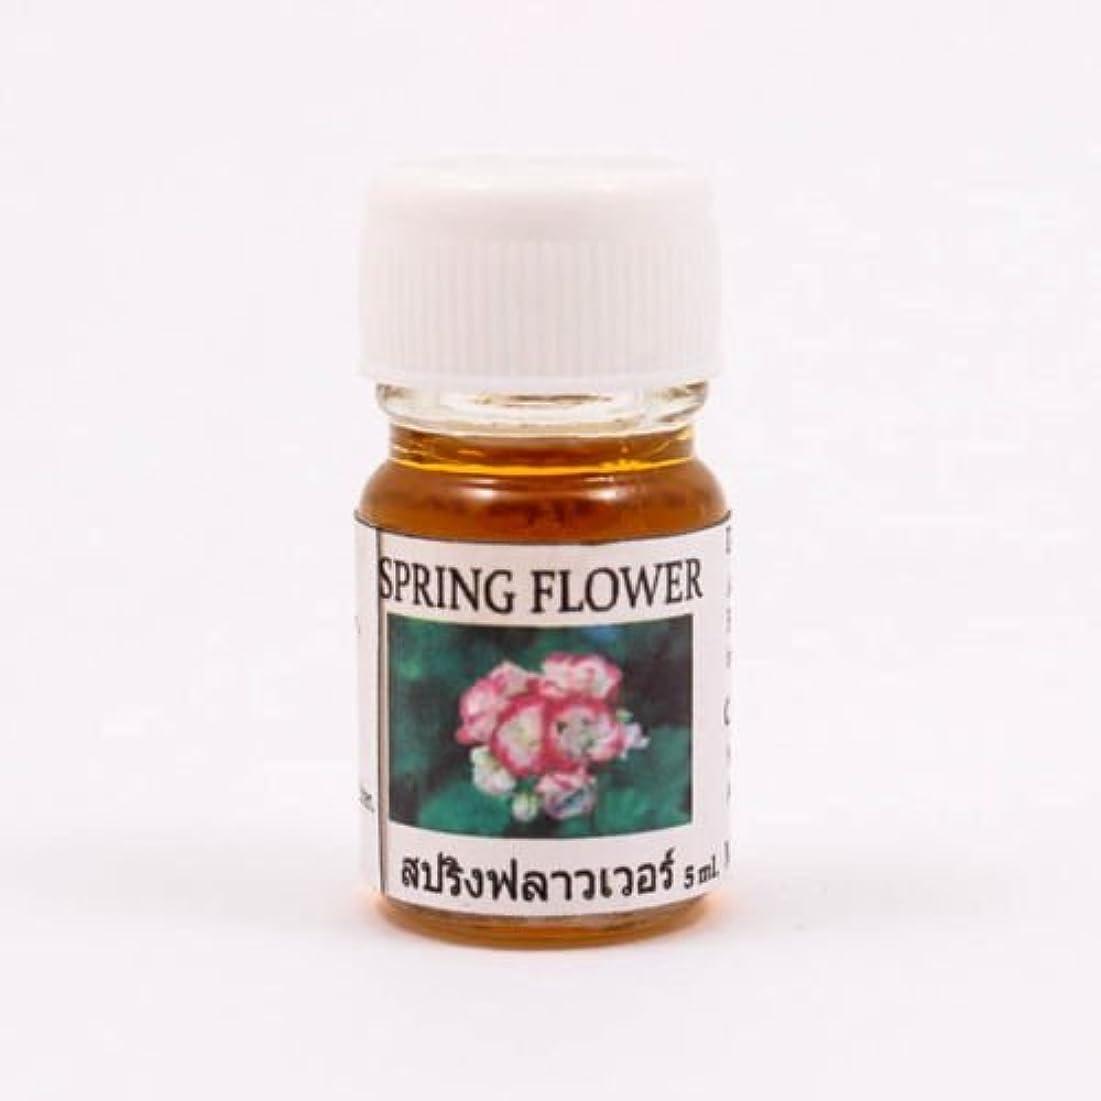 意志に反するスロープかろうじて6X Spring Flower Aroma Fragrance Essential Oil 5ML Diffuser Burner Therapy